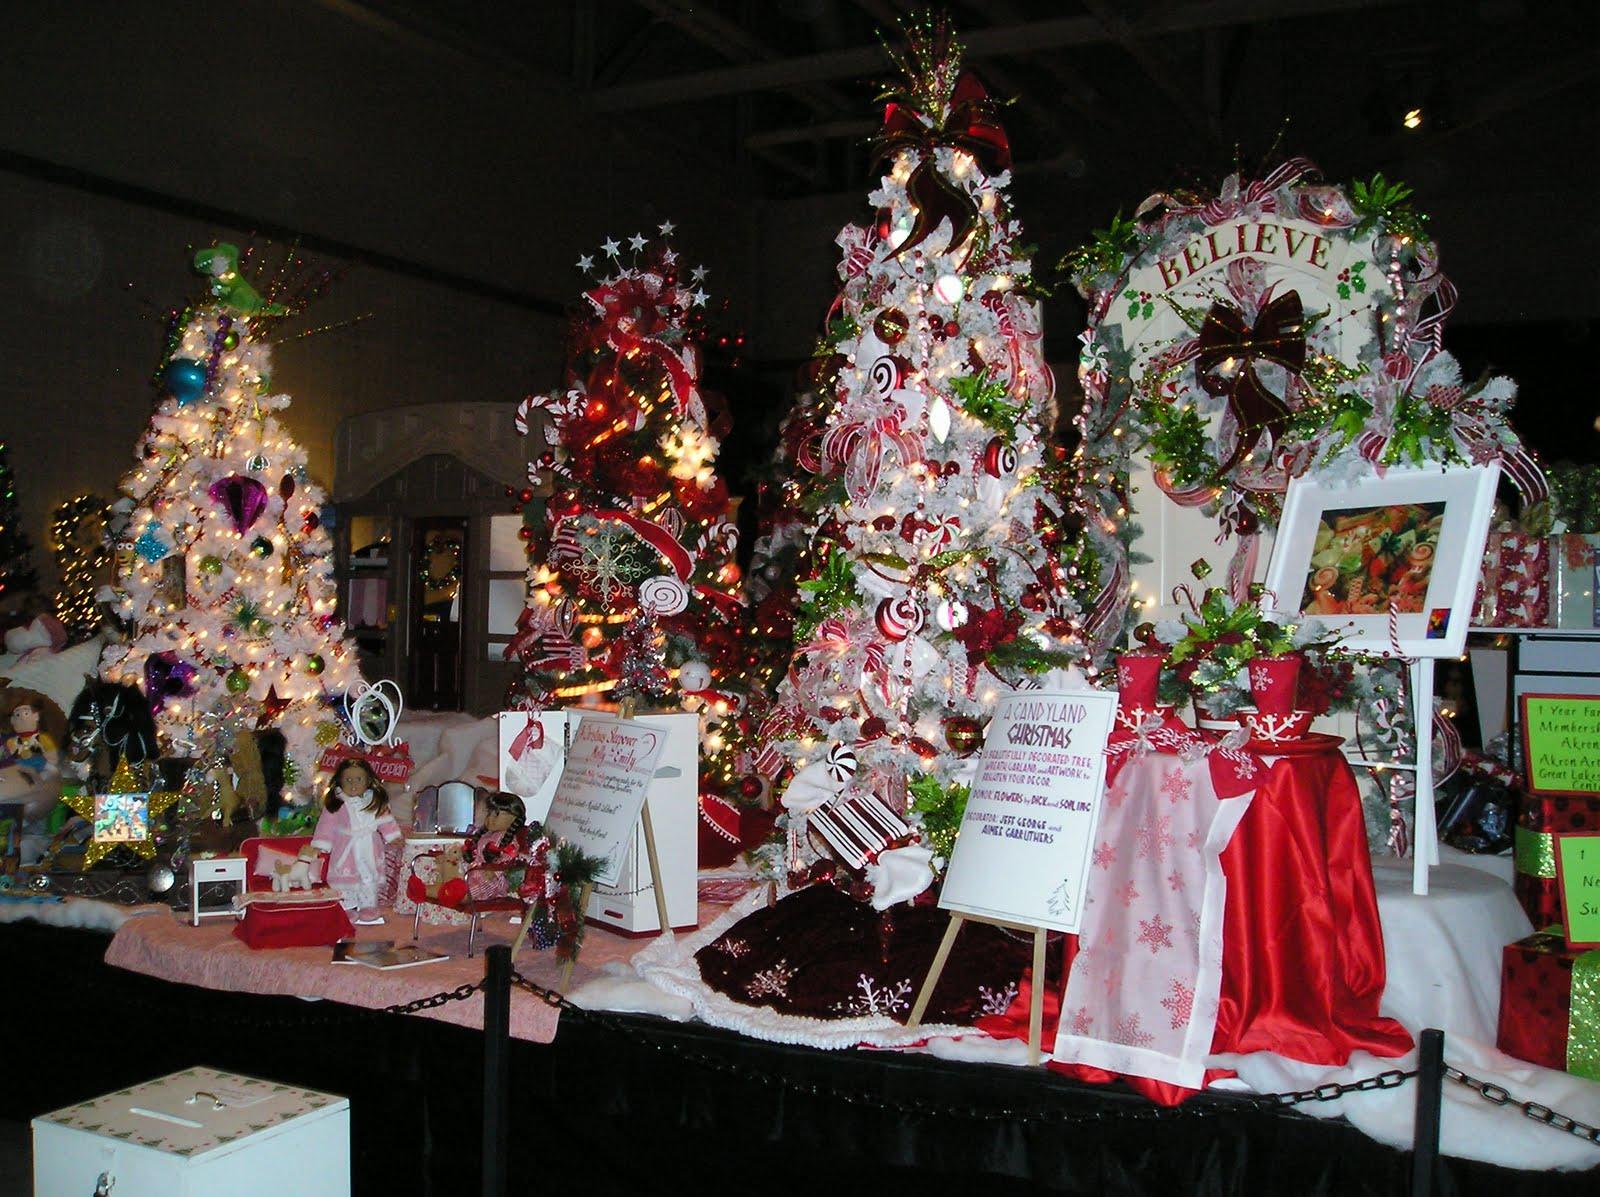 Holiday Tree Festival - Akron | Ohio Festivals within Univ Of Akron Holidays